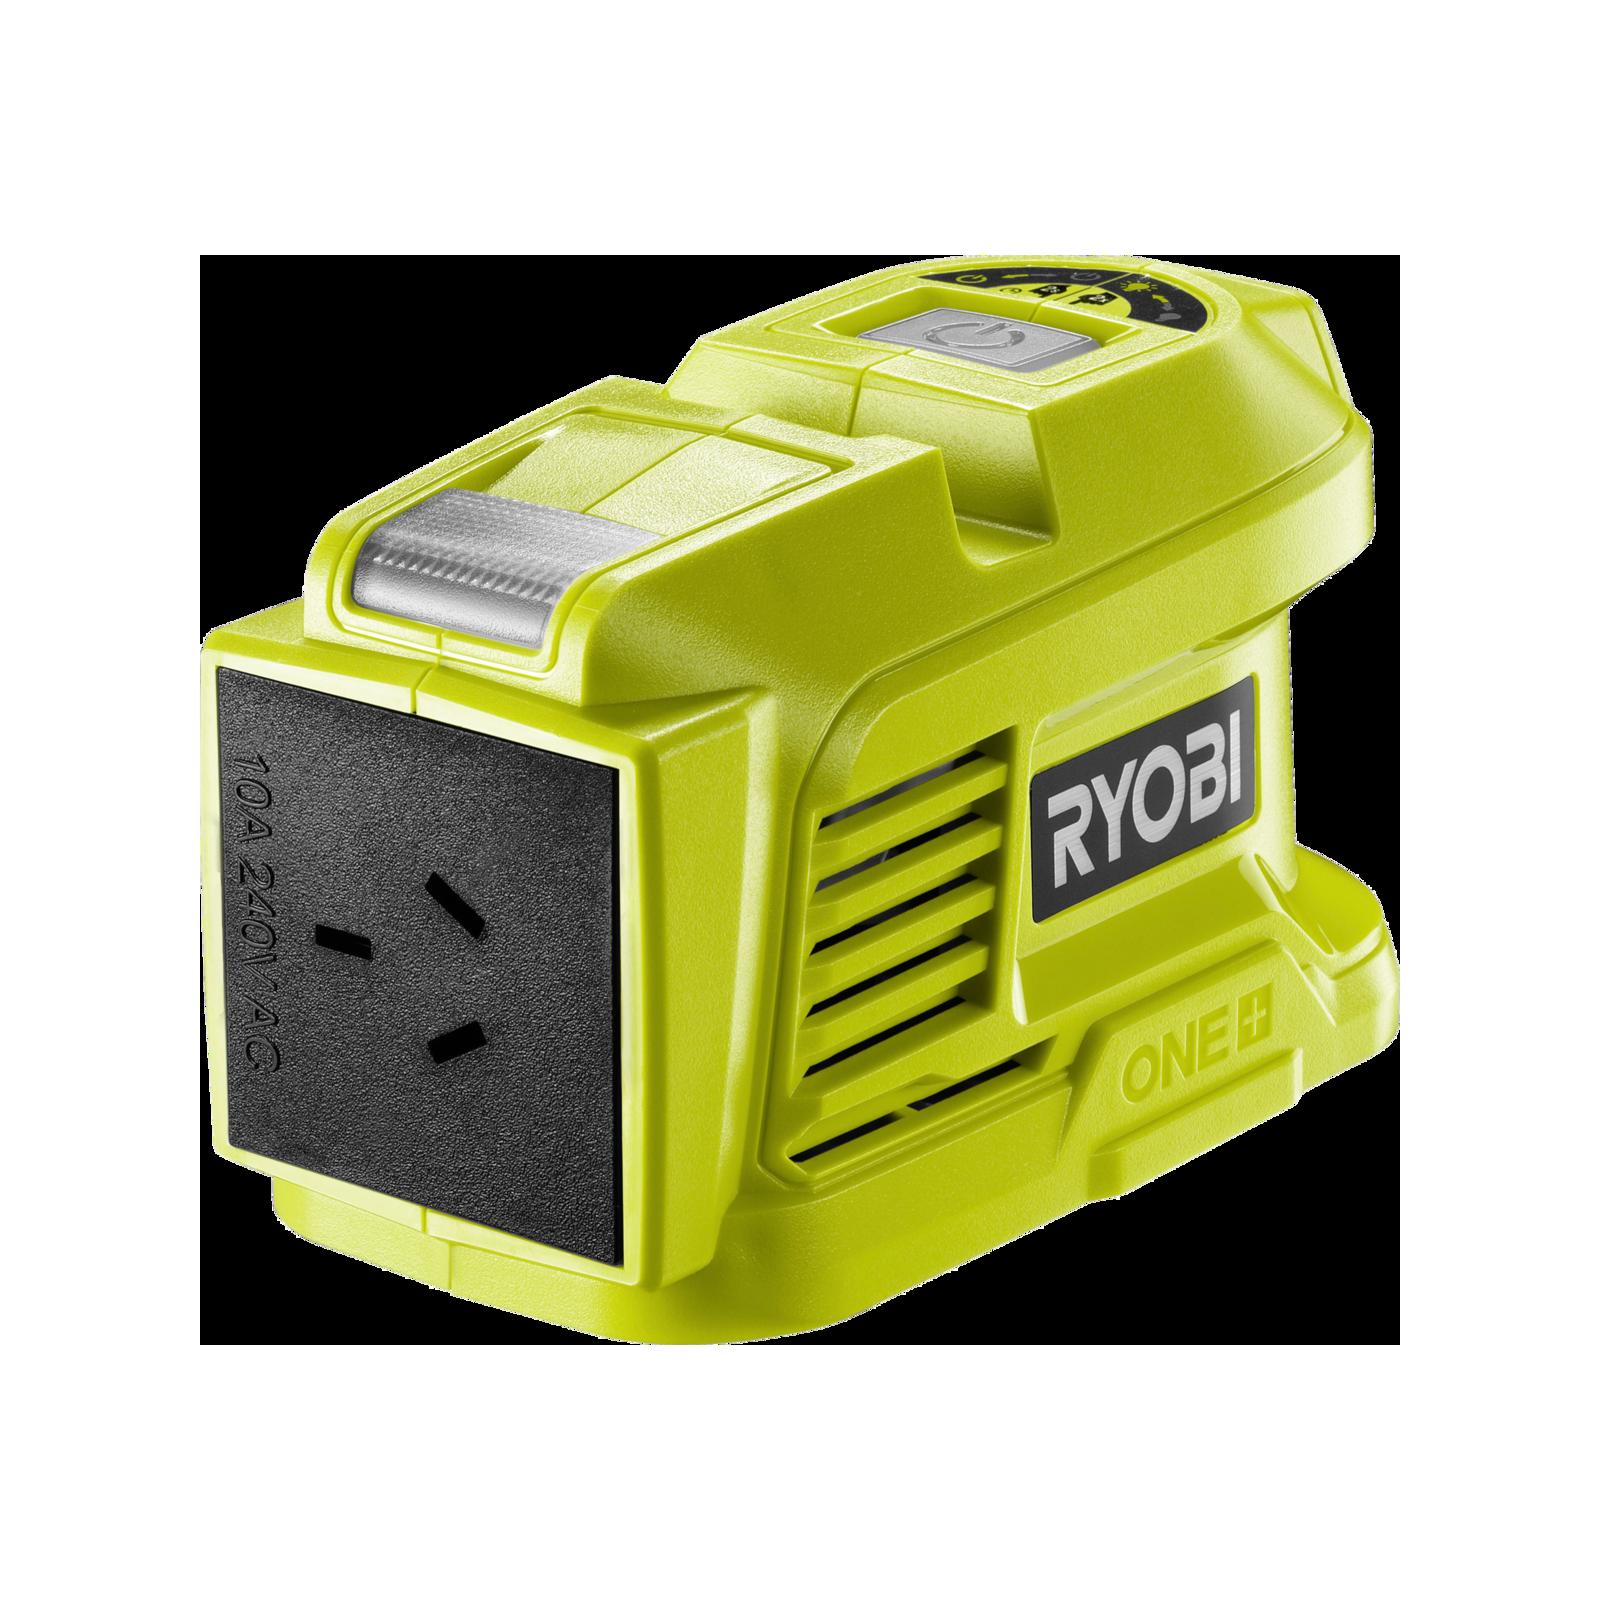 Ryobi 18V ONE+ 150W Battery Topper Inverter - Skin Only